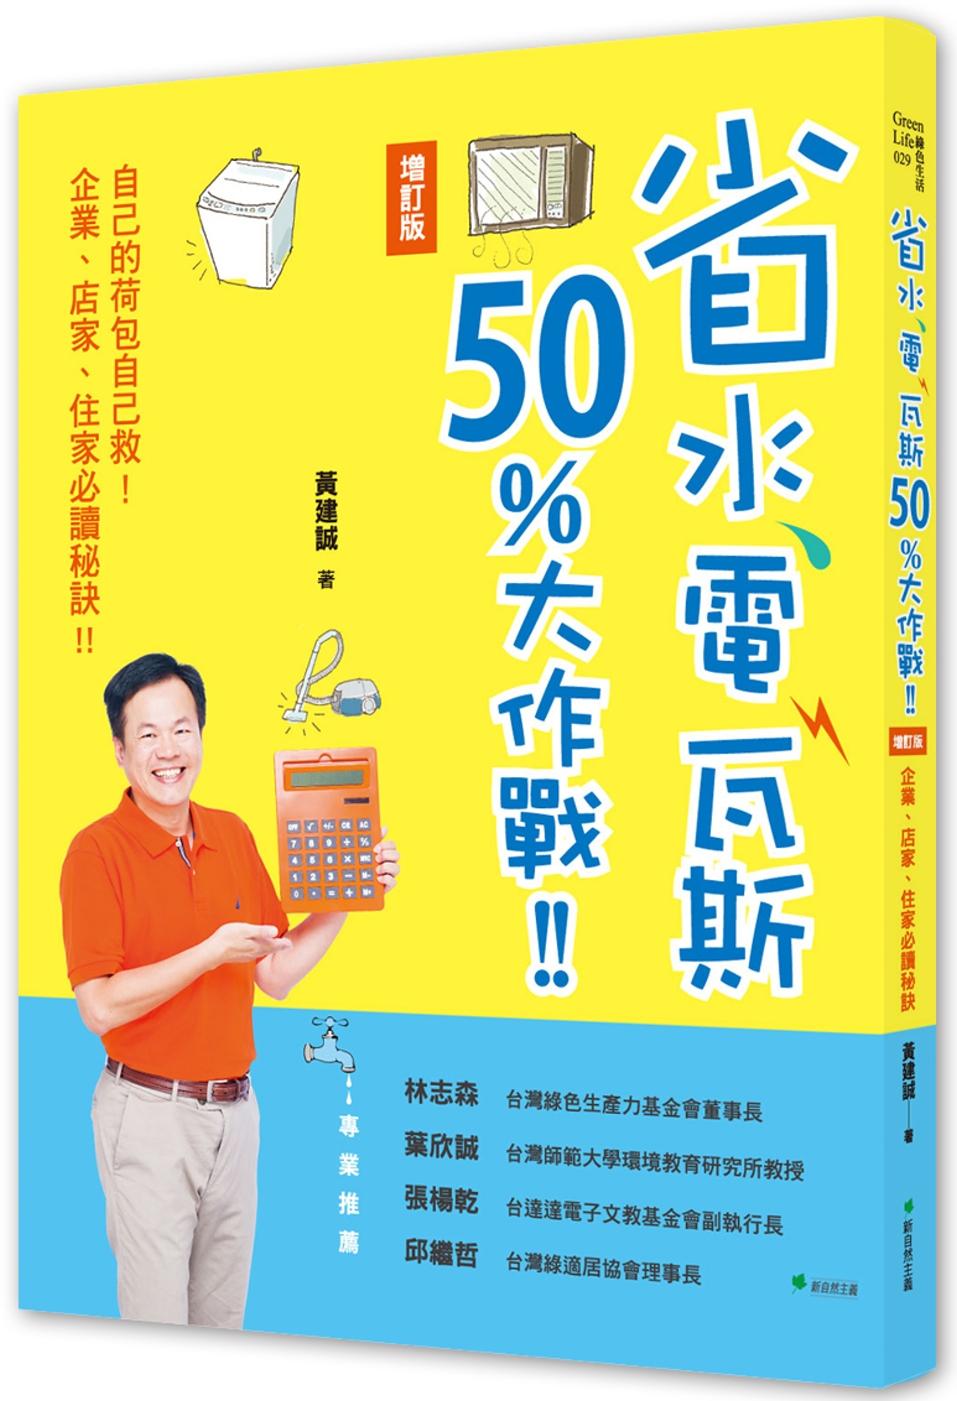 改變開燈習慣,擠出咖啡錢:診斷NG使用習慣,幫自己省下一半水電費【增訂版】(二版)